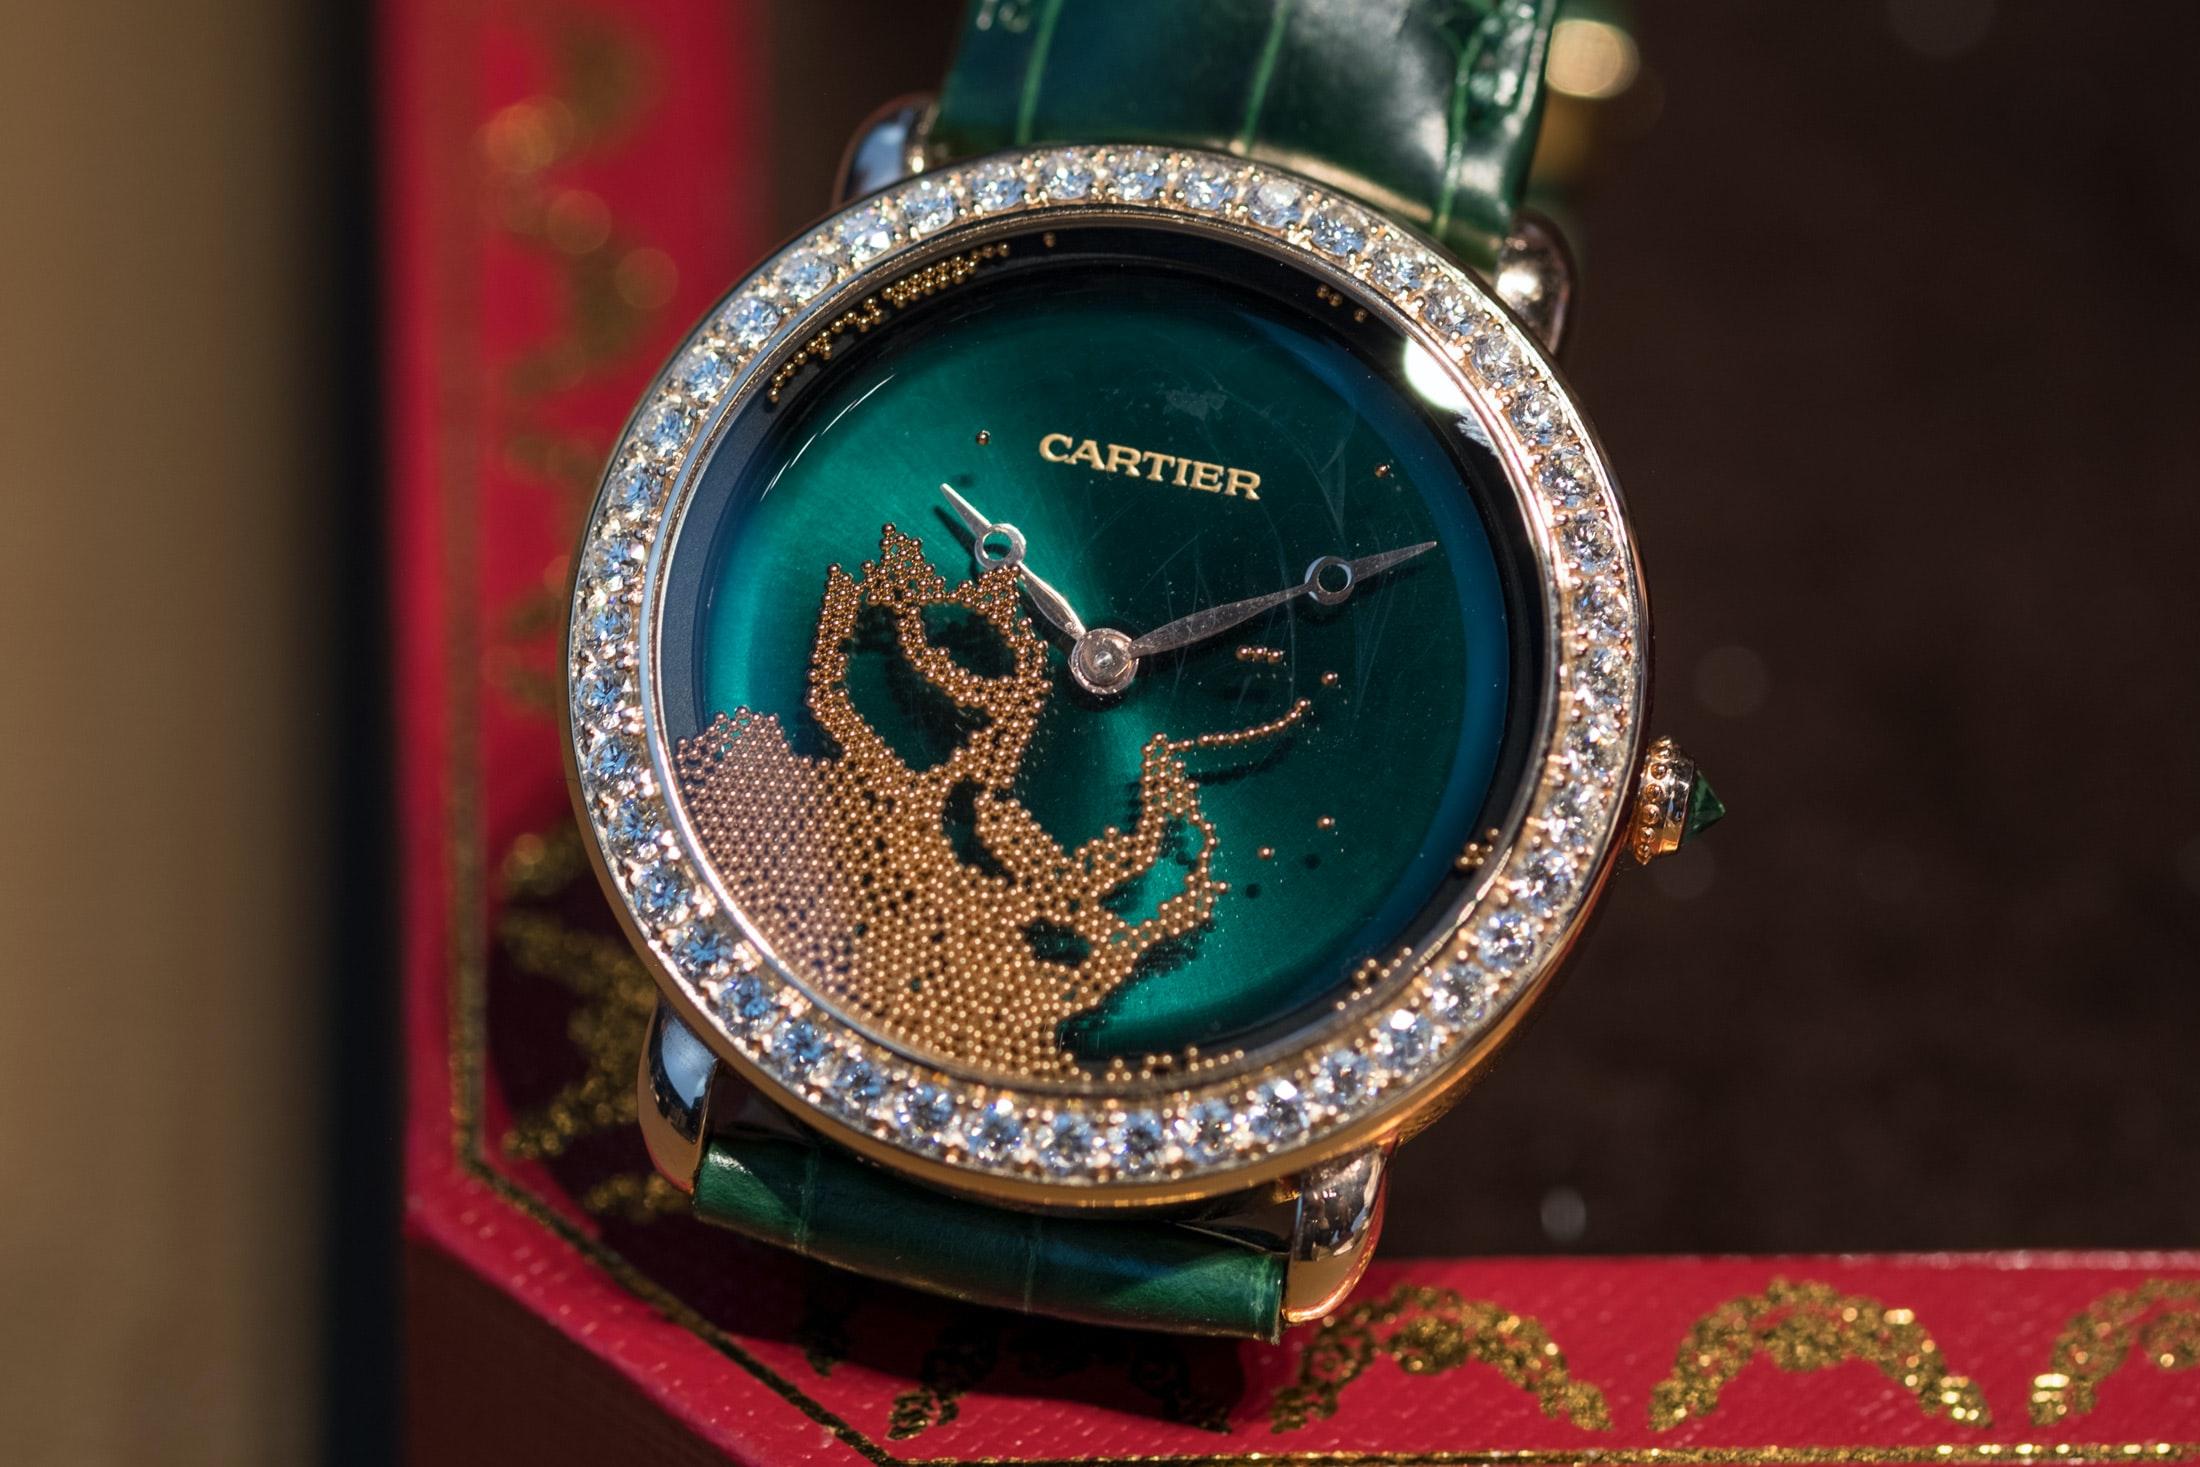 Just Because: The Cartier Révélation d'Une Panthère Just Because: The Cartier Révélation d'Une Panthère revelation 02